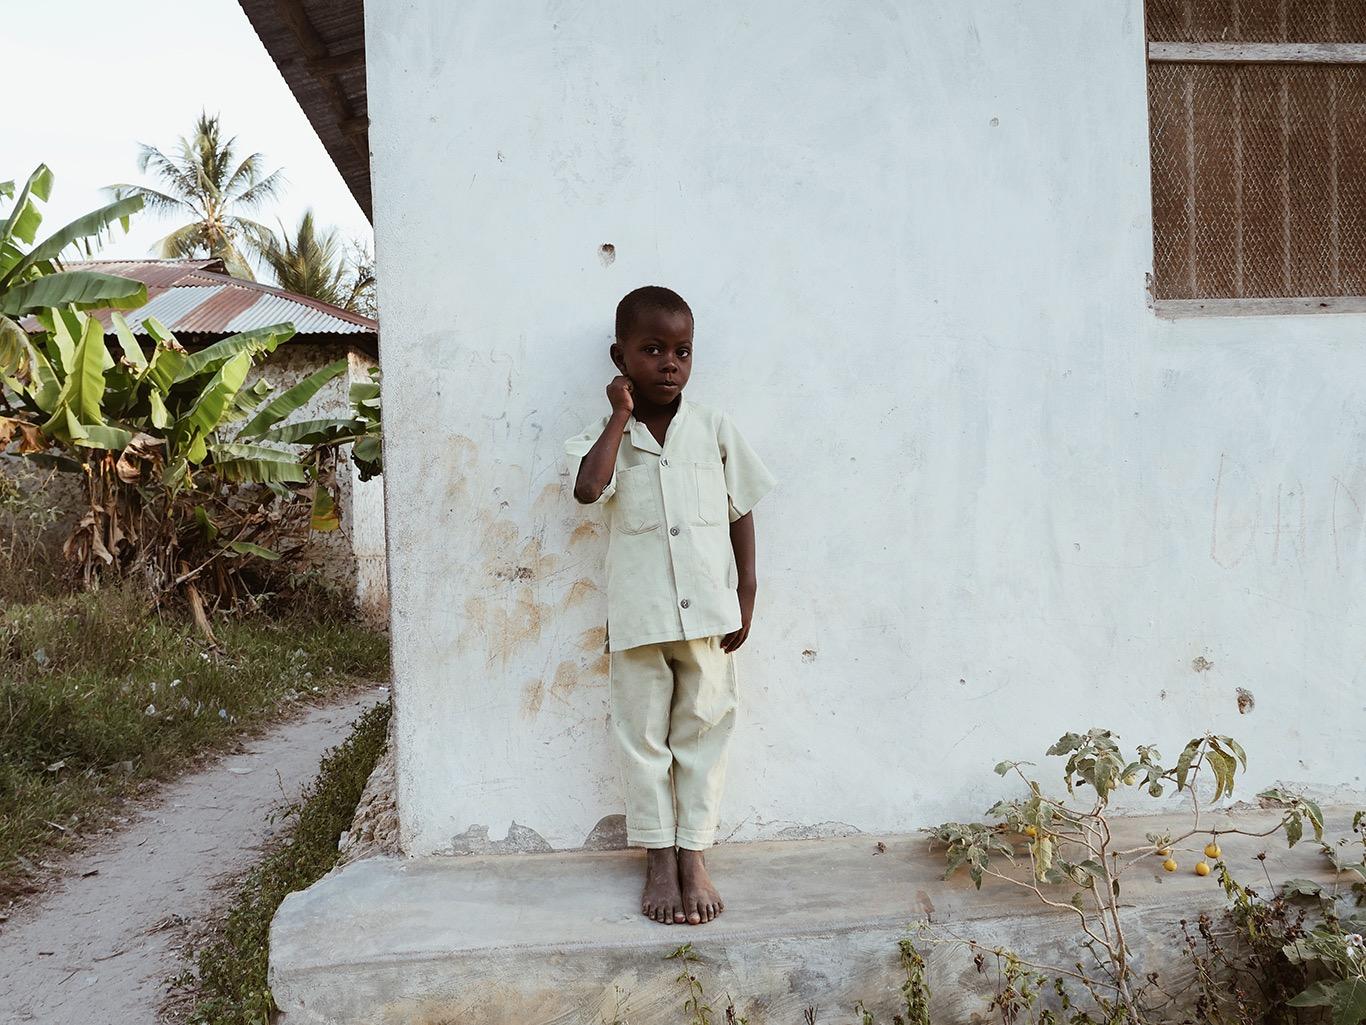 NataliaHorinkova_Zanzibar_05.jpg